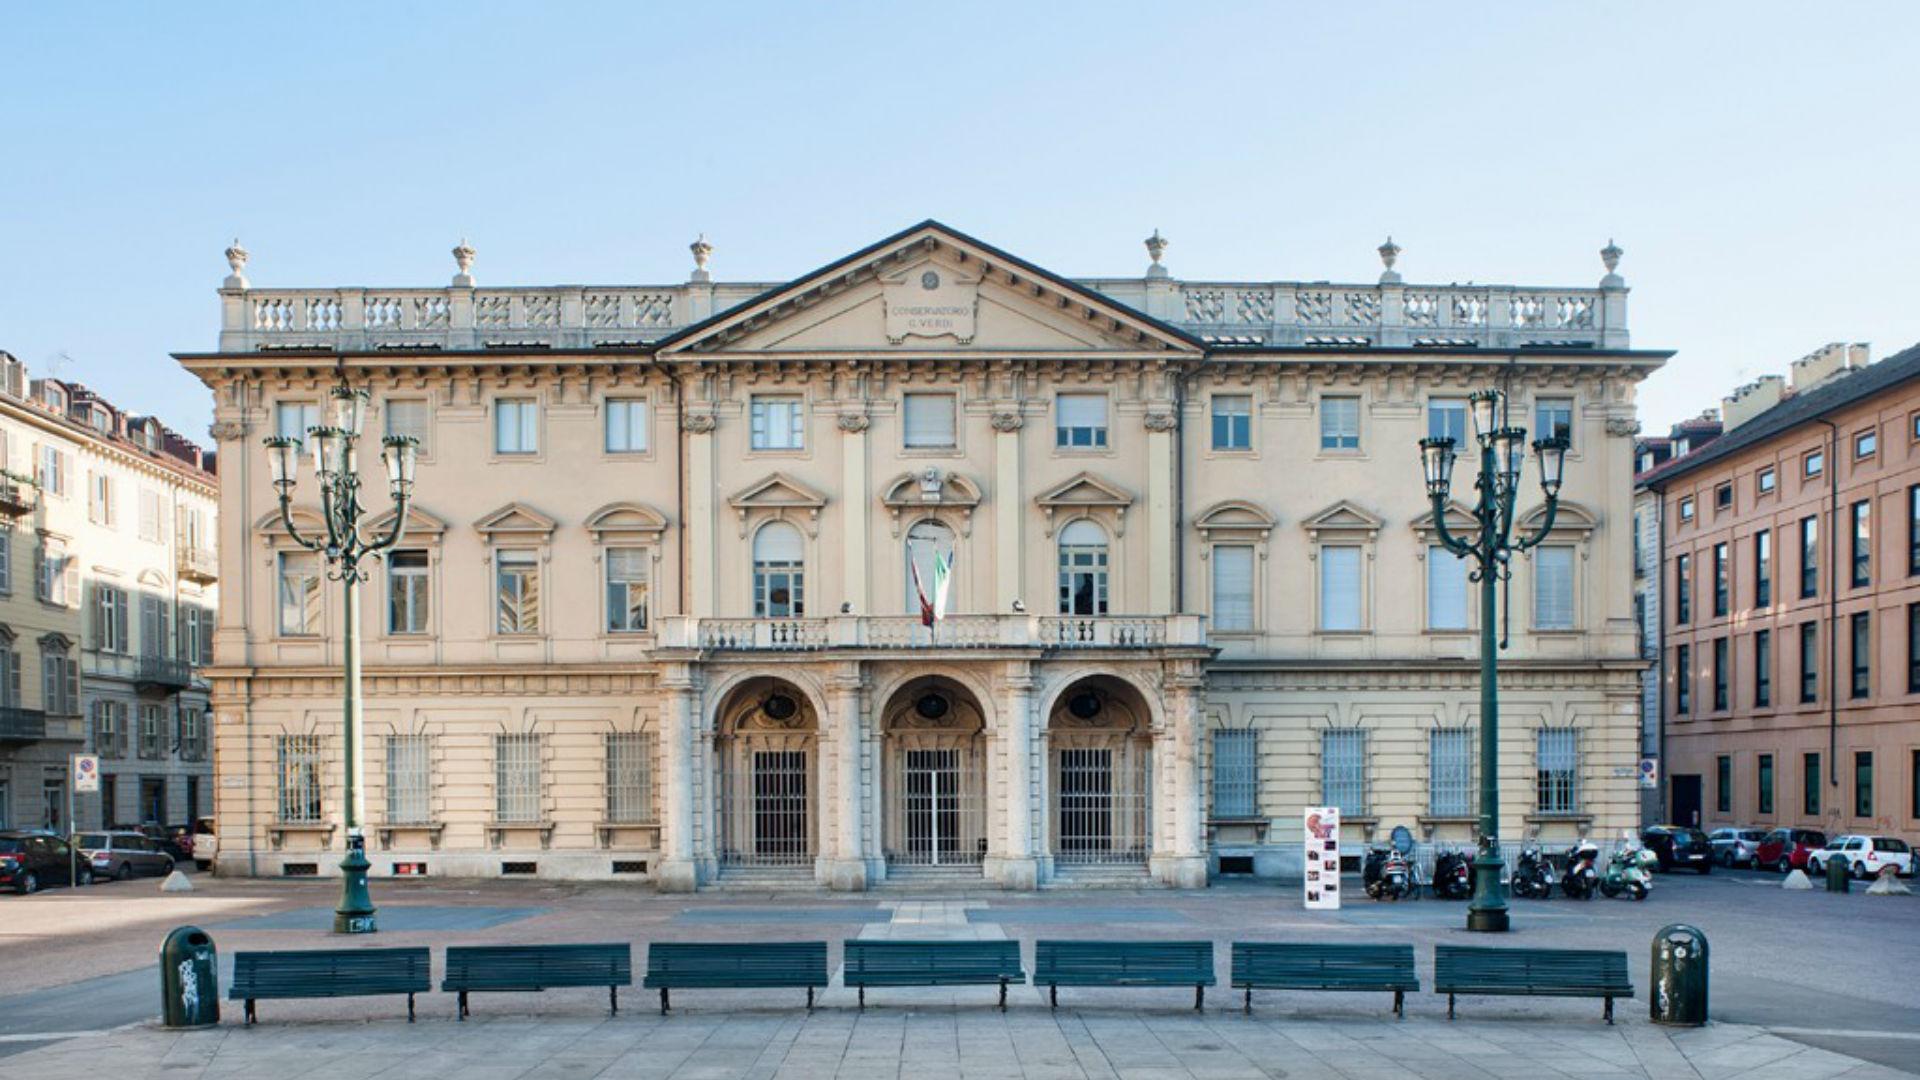 Nasce il Polo delle Arti di Torino: Accademia Albertina e Conservatorio uniti per l'arte torinese